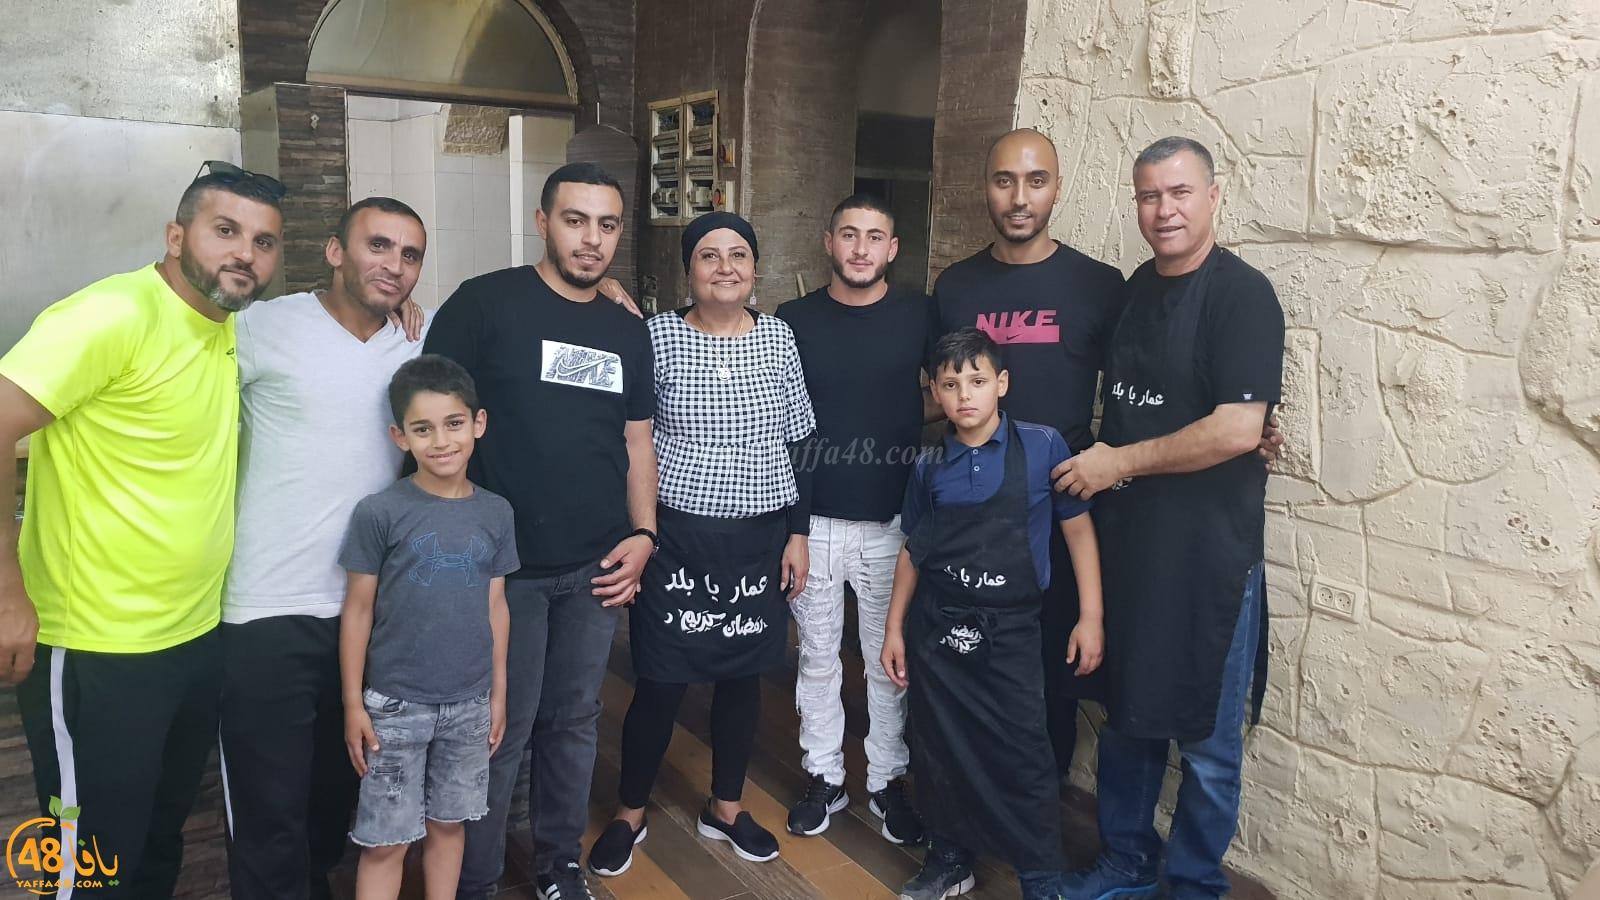 اللد: توزيع 300 وجبة افطار يومياً في رمضان ضمن مشروع عمار يا بلد